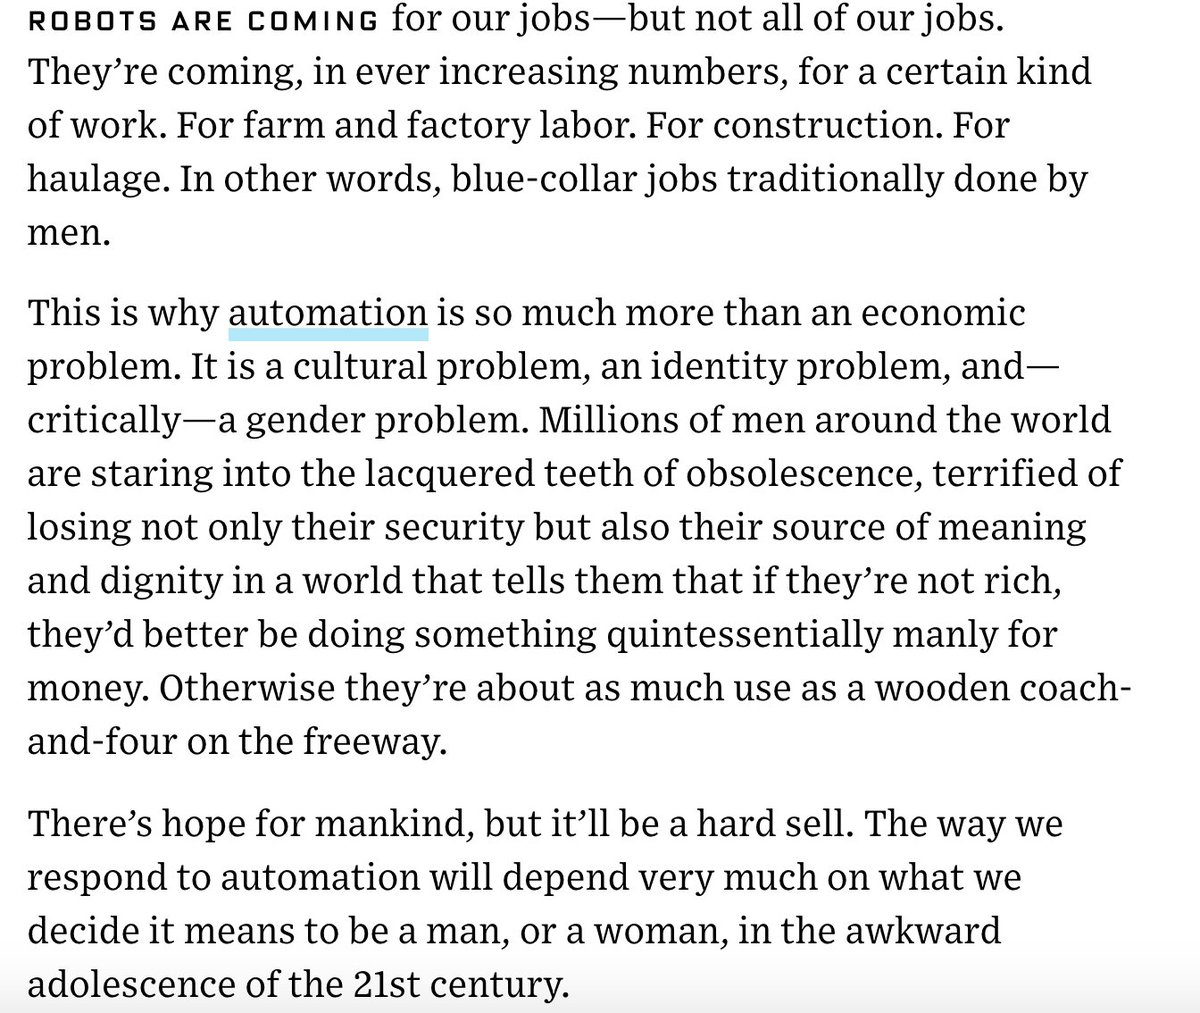 Seriously, read this: https://t.co/oV05E65X5q https://t.co/eubZEPq3kd